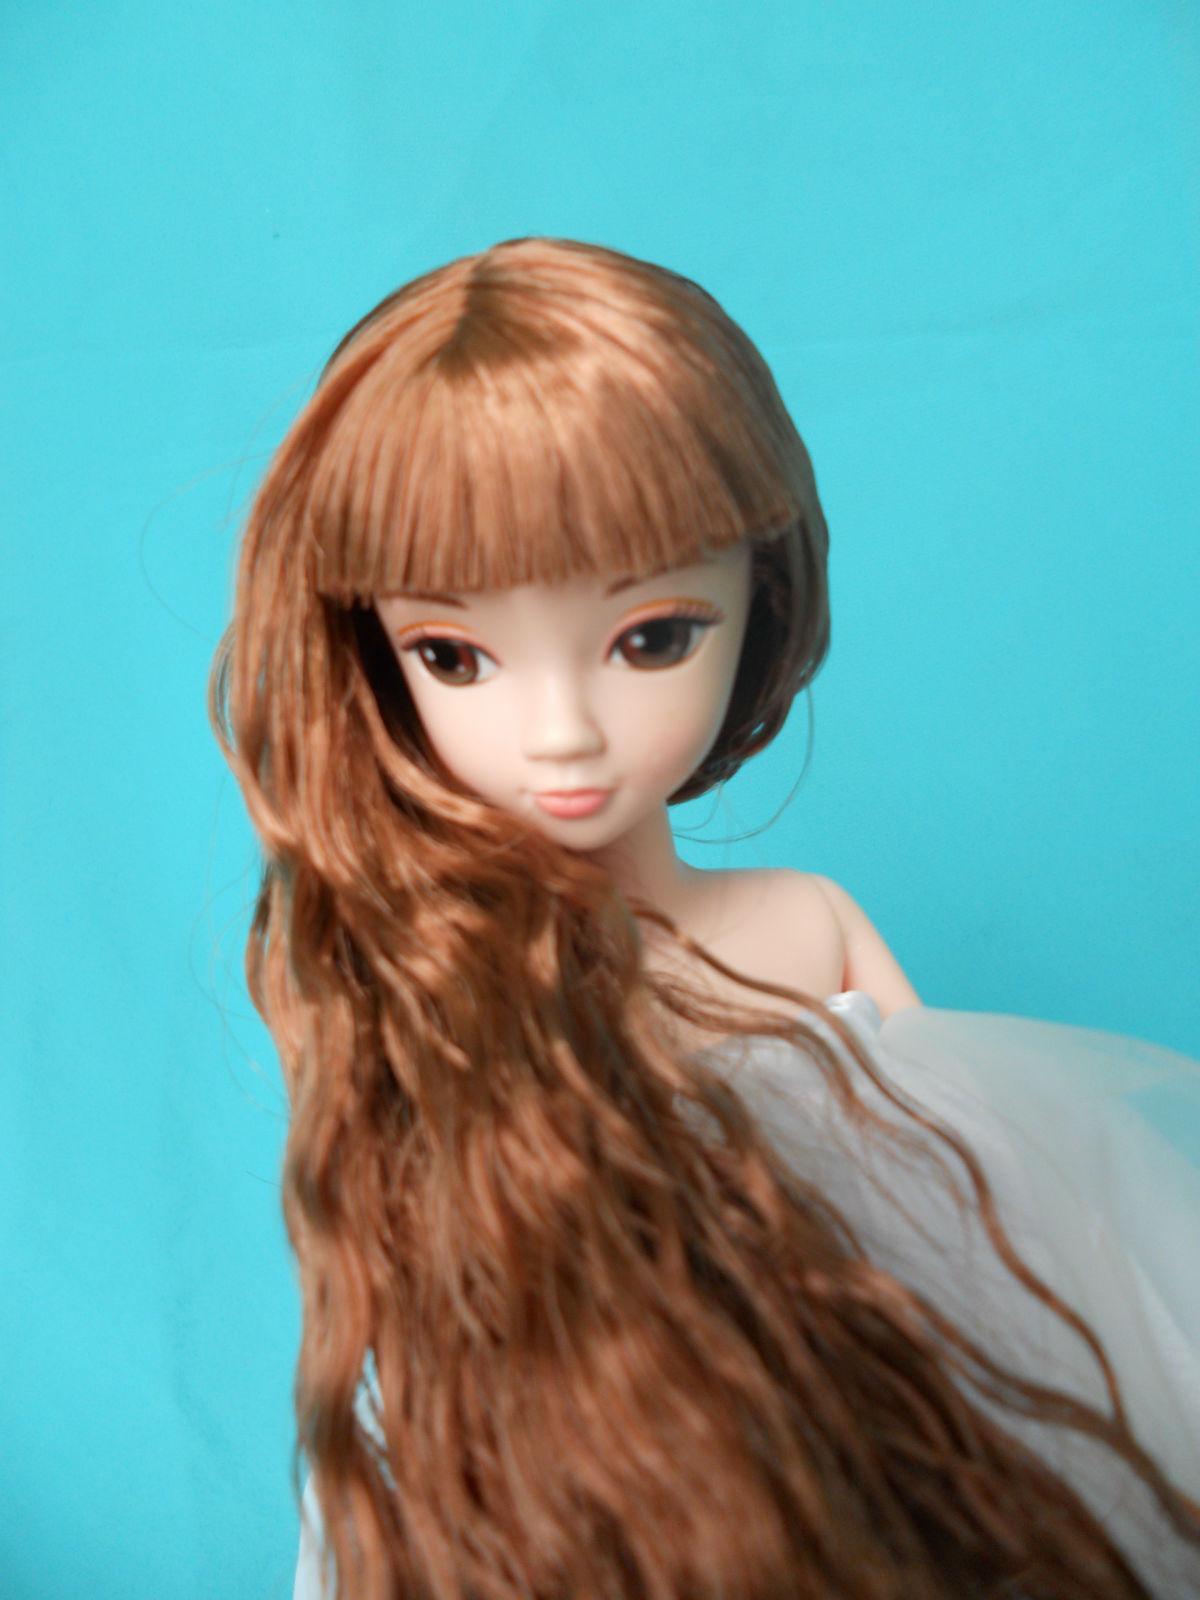 【发型】哈哈.泡面卷图片